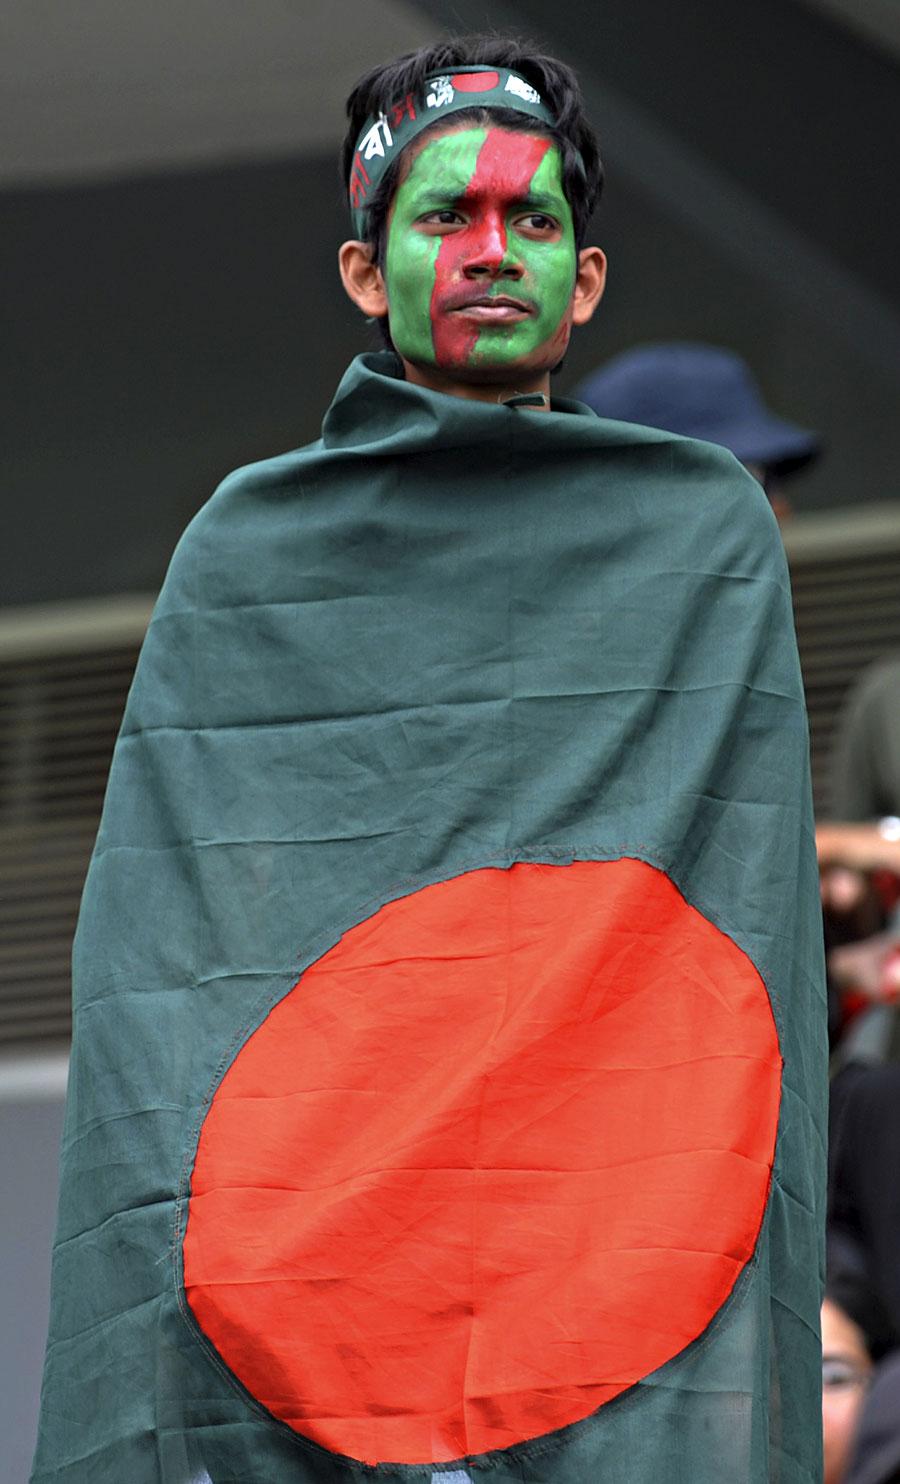 بنگلہ دیش کے قوانین کے تحت سفارت خانوں کی عمارات اور سفارتی اہلکارو ں کے علاوہ کوئی بلااجازت غیر ملکی پرچم نہیں لہرا سکتا (تصویر: AP)